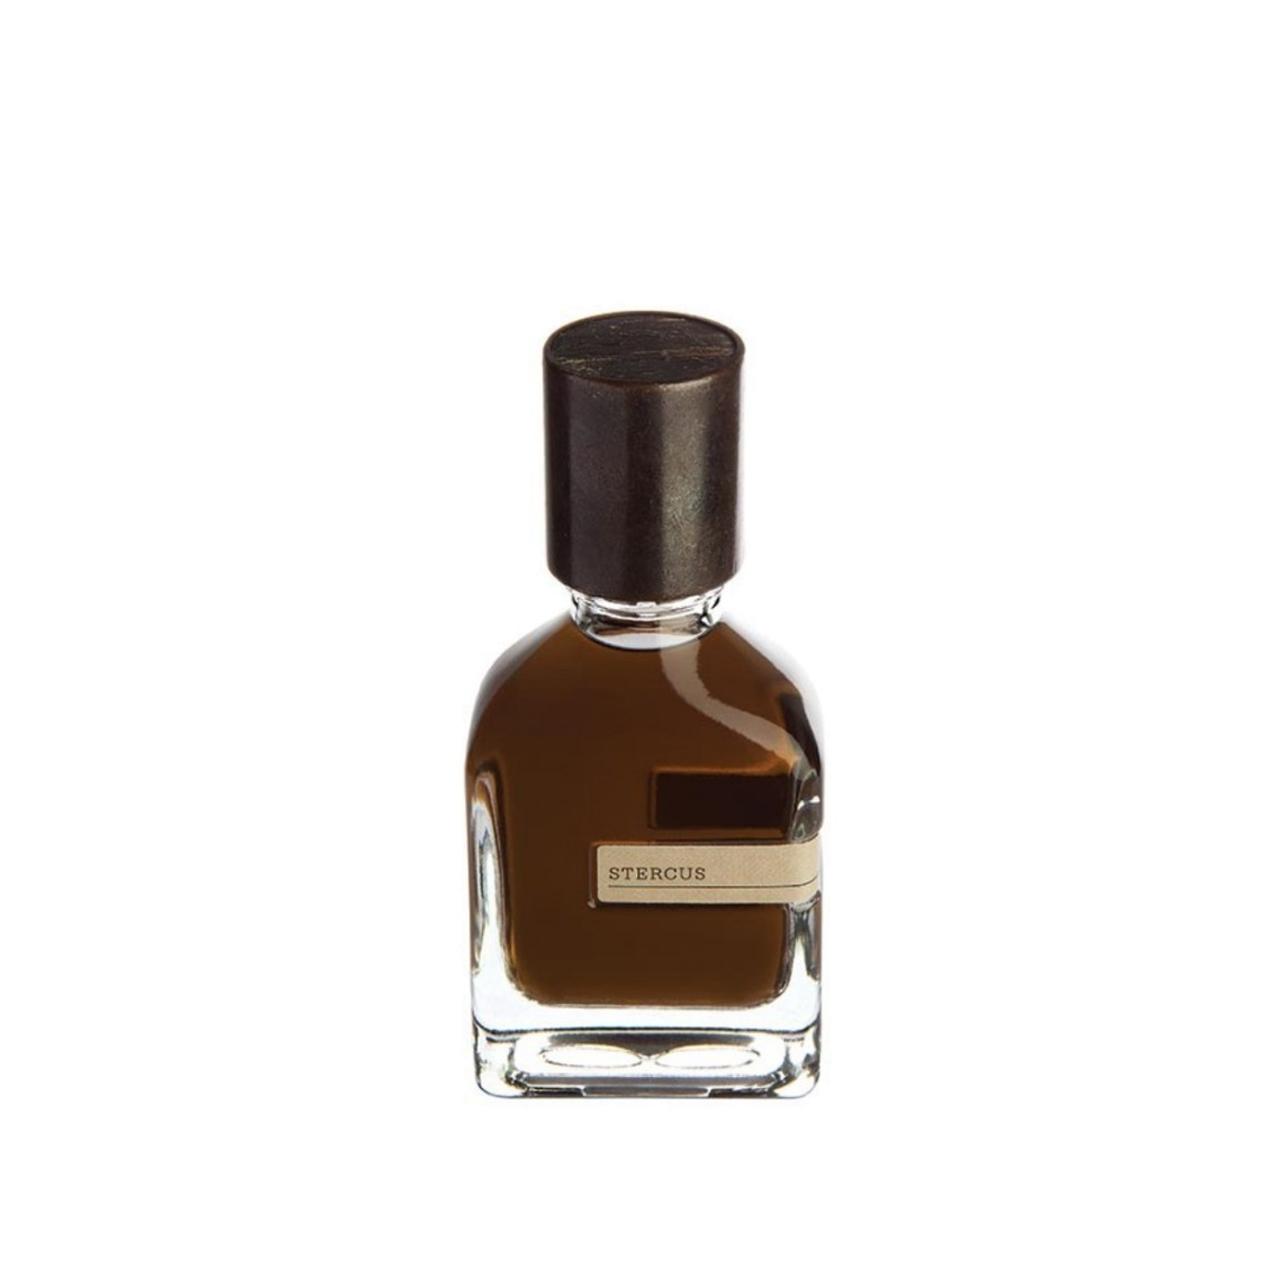 Stercus - Eau de Parfum